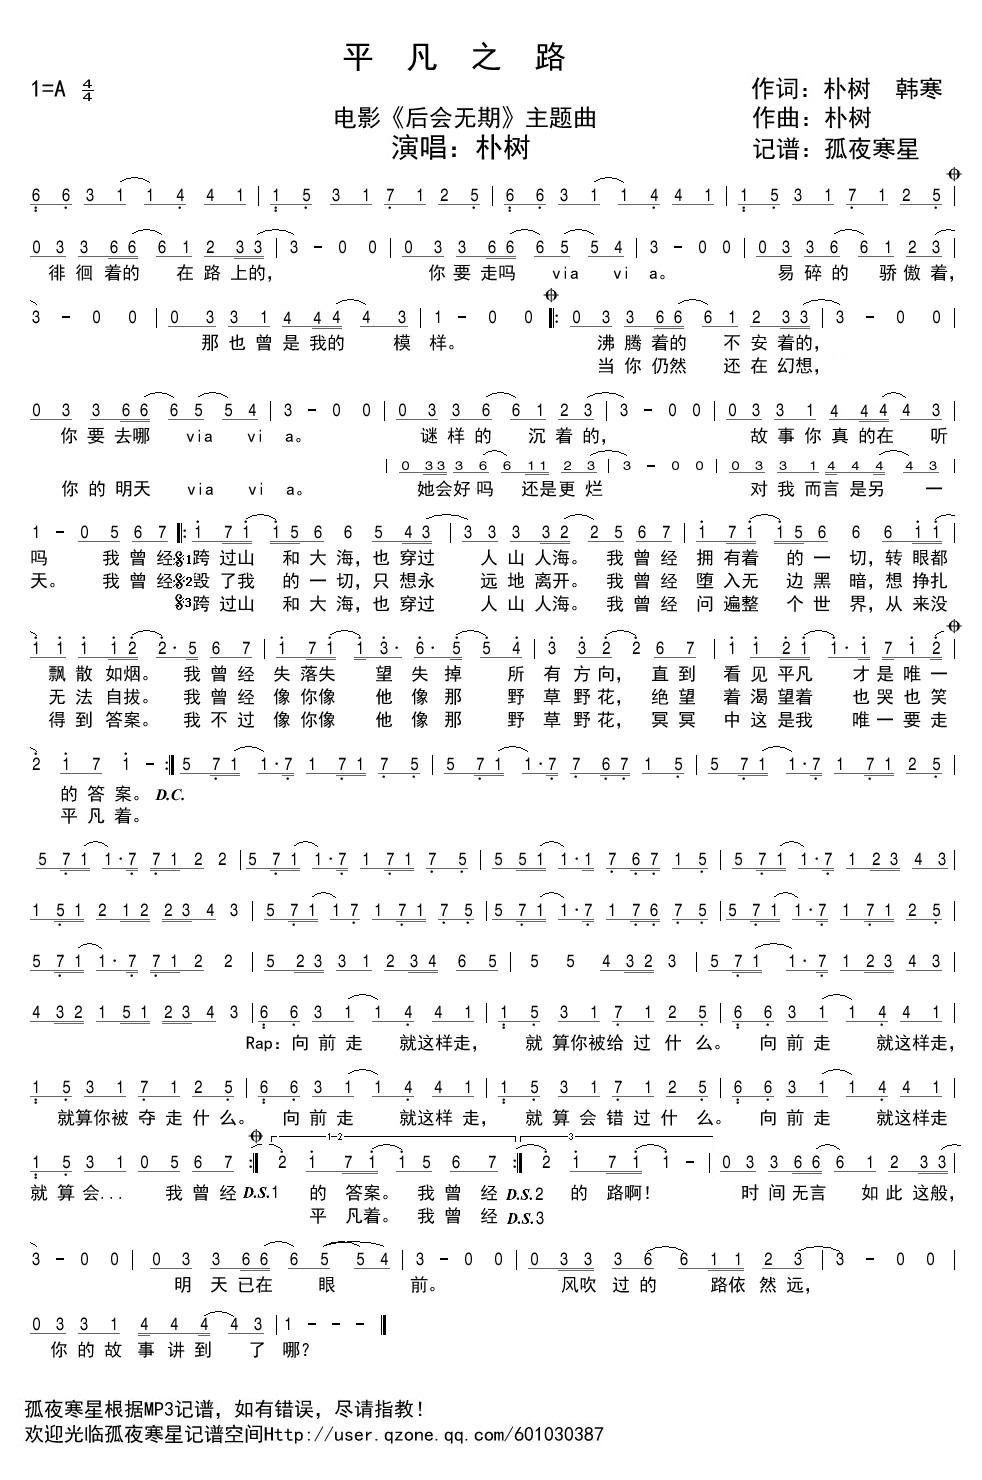 【平凡之路钢琴谱】《平凡之路》高还原完整演奏版钢琴谱_歌谱网